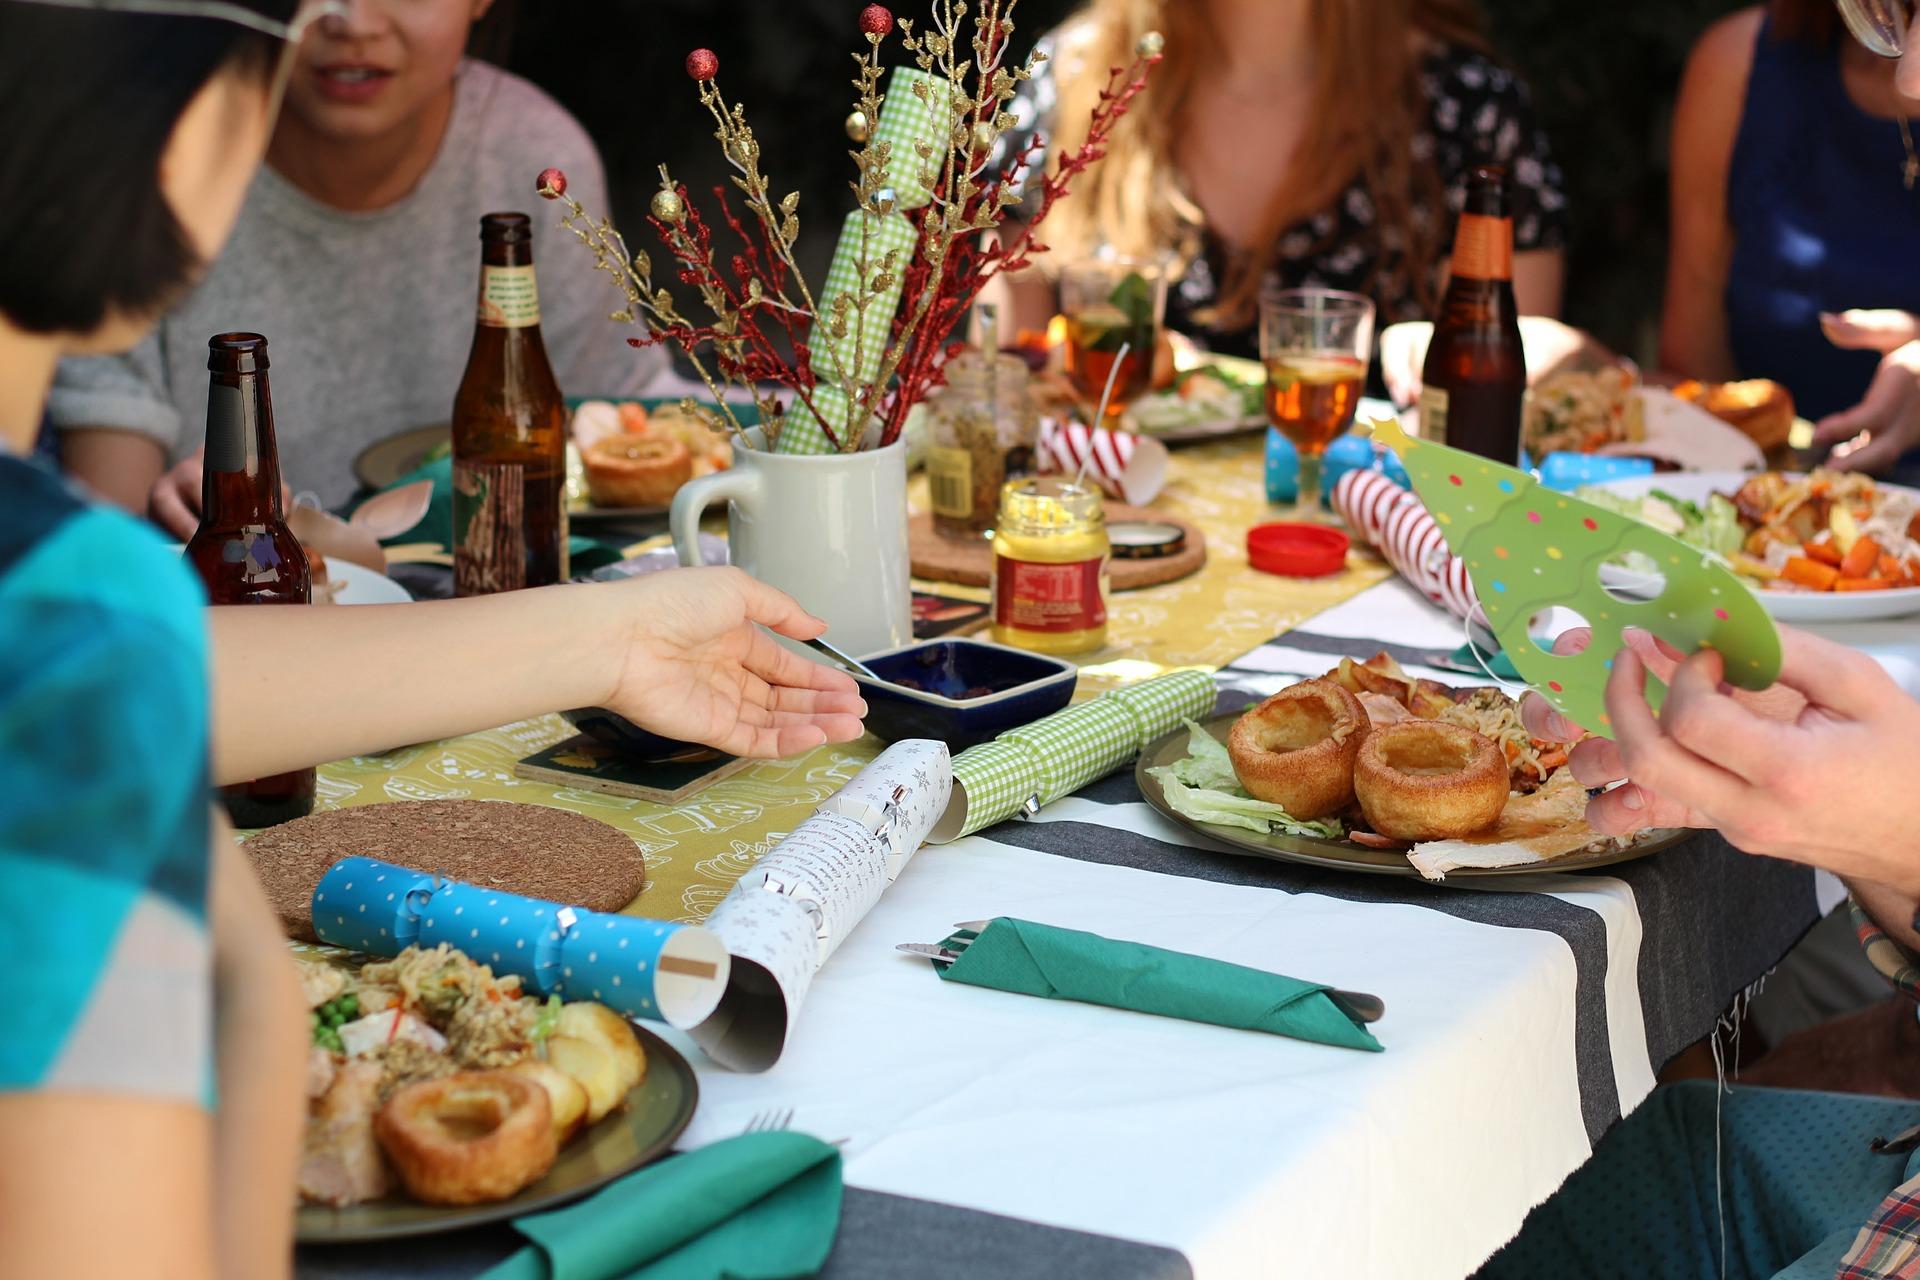 Cuisine avec des amis